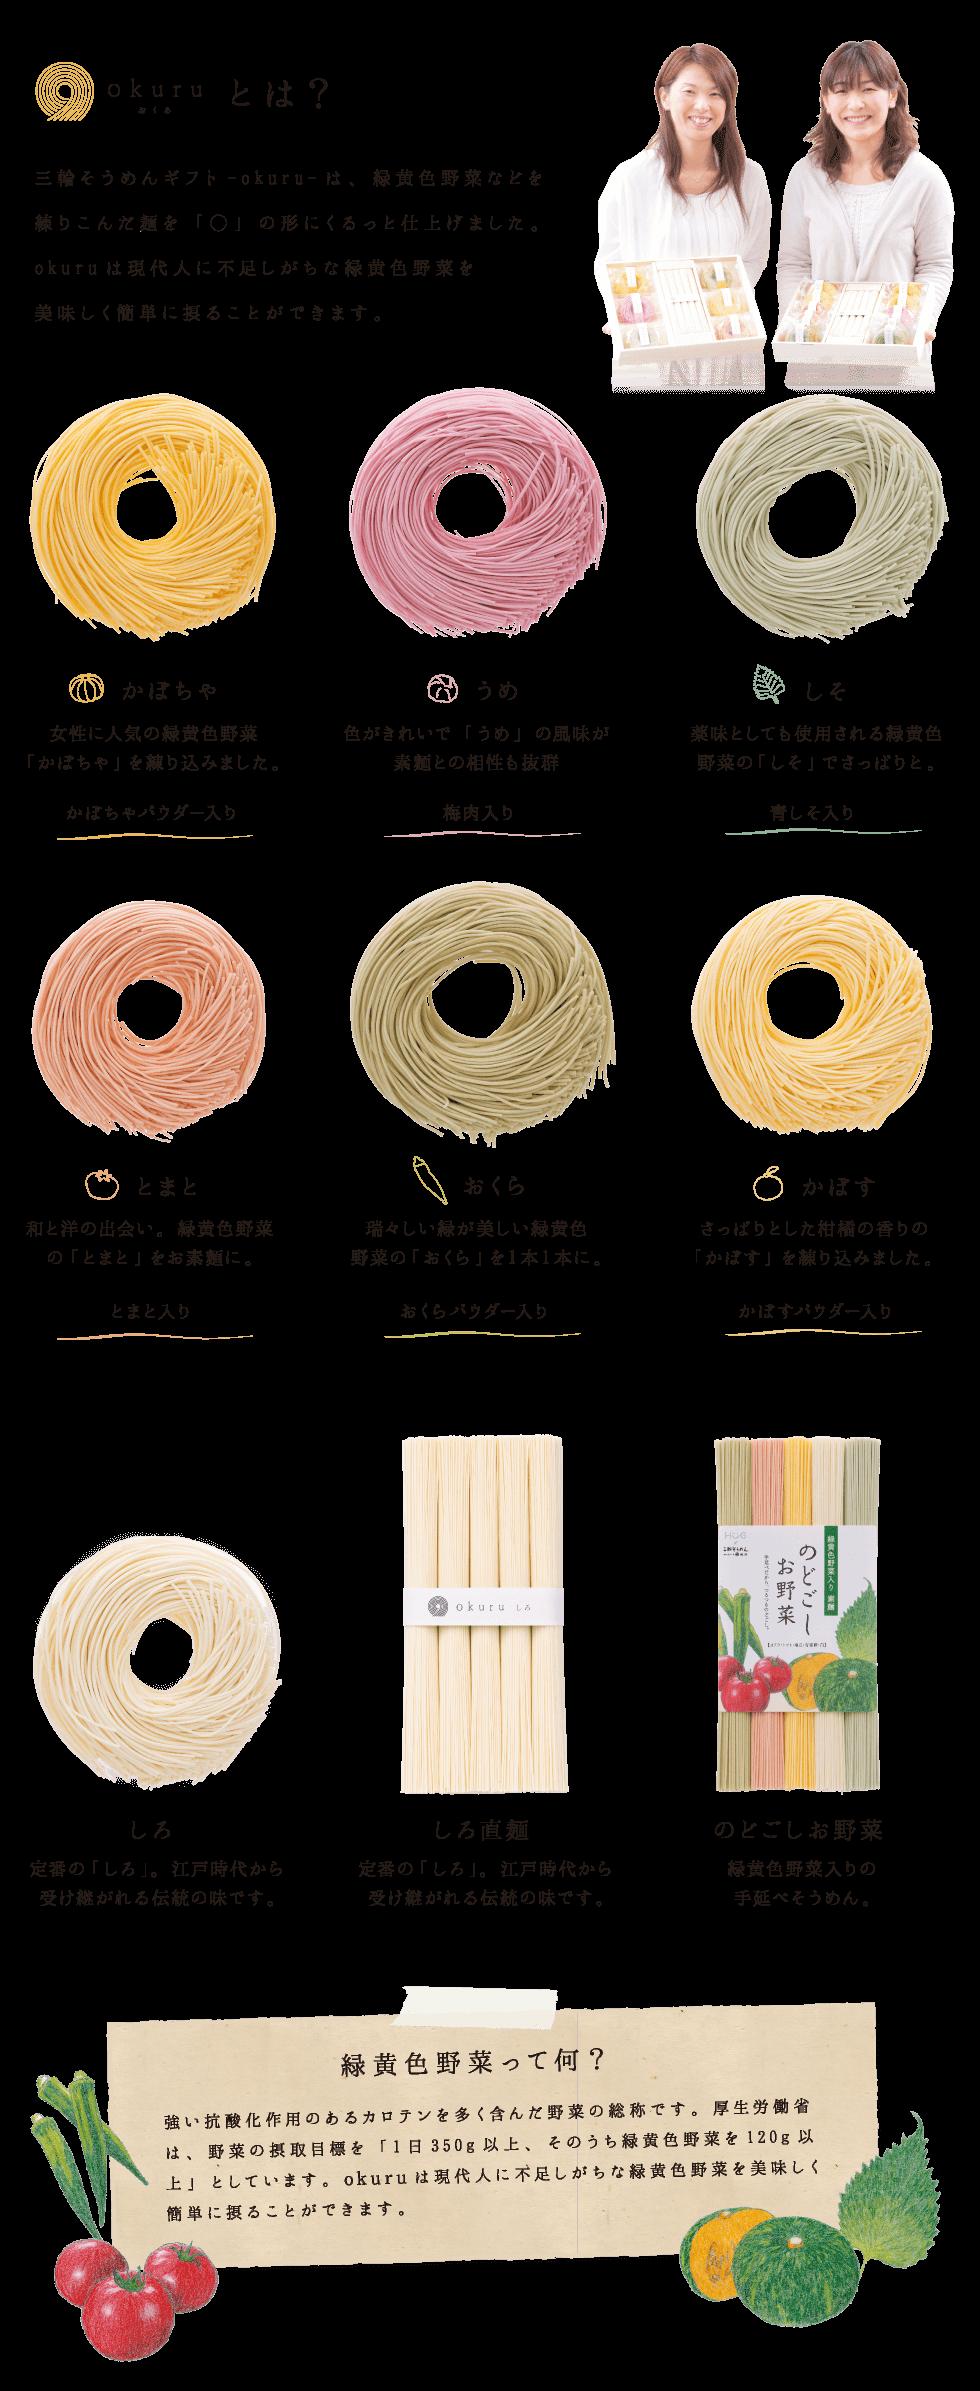 okuruとは? 三輪そうめんギフト-okuru-は、緑黄色野菜などを練り込んだ麺をまあるい方にくるっと仕上げました。okuruは現代人に不足しがちな緑黄色野菜を美味しく簡単に摂ることができます。かぼちゃは、女性に人気の緑黄色野菜かぼちゃを練り込みました。うめは色がキレイで梅の風味がそうめんとの相性抜群。しそは薬味としても使用される緑黄色野菜なのでさっぱりと。和と洋の出会い「とまと」。瑞々しい緑が美しい緑黄色野菜「おくら」。さっぱりとした柑橘の香りの「かぼす」。江戸時代から受け継がれる伝統の味「しろ」。></section><div class=